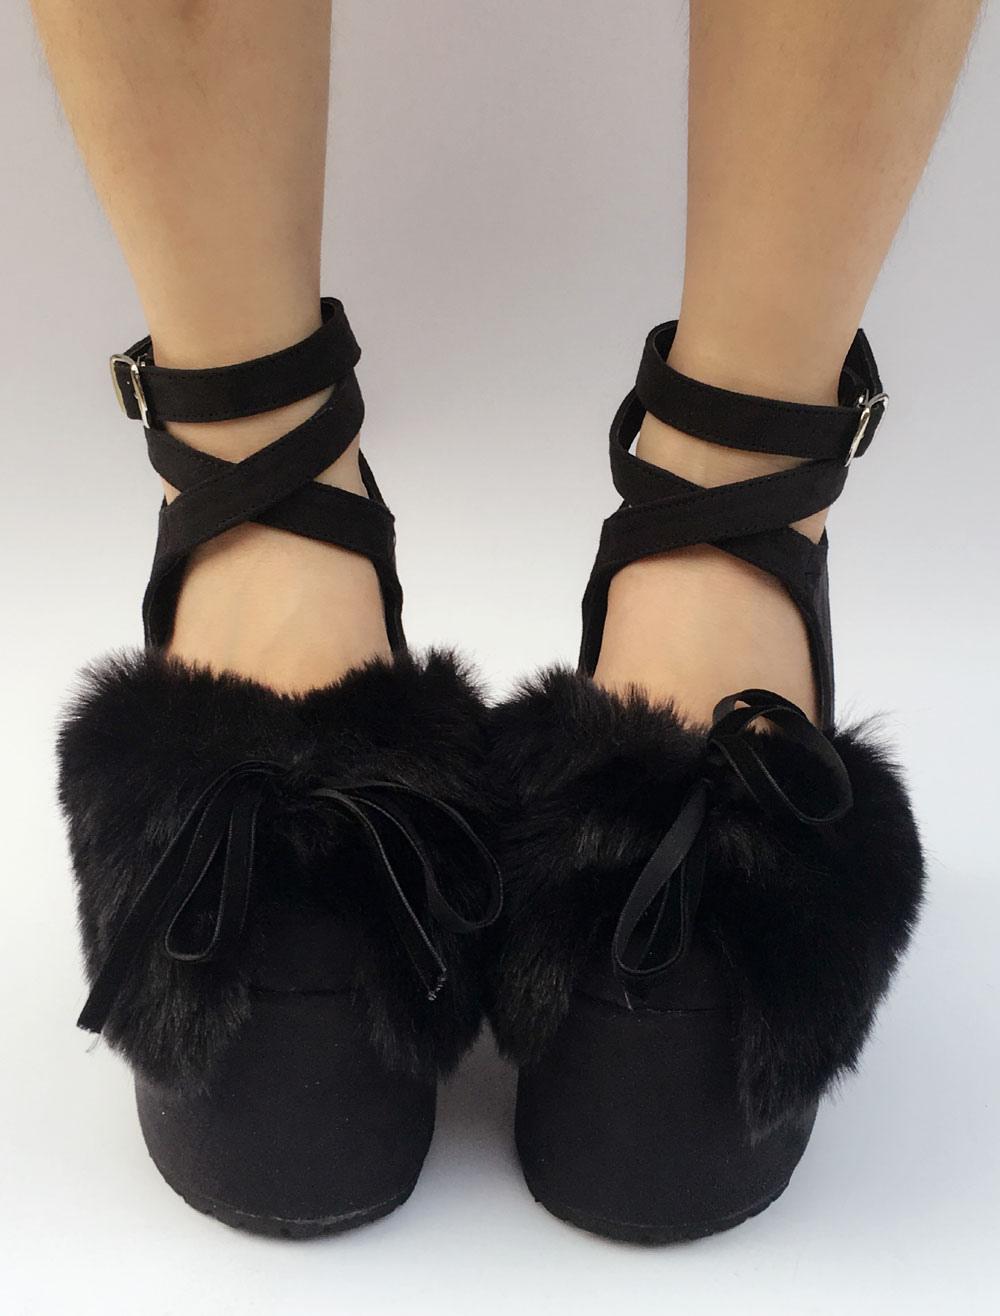 3477e915a6 Camurça Lolita sapatos plataforma preto calcanhar Chunky peles artificiais  arco transversal frontal tornozelo cinta Lolita bombas ...